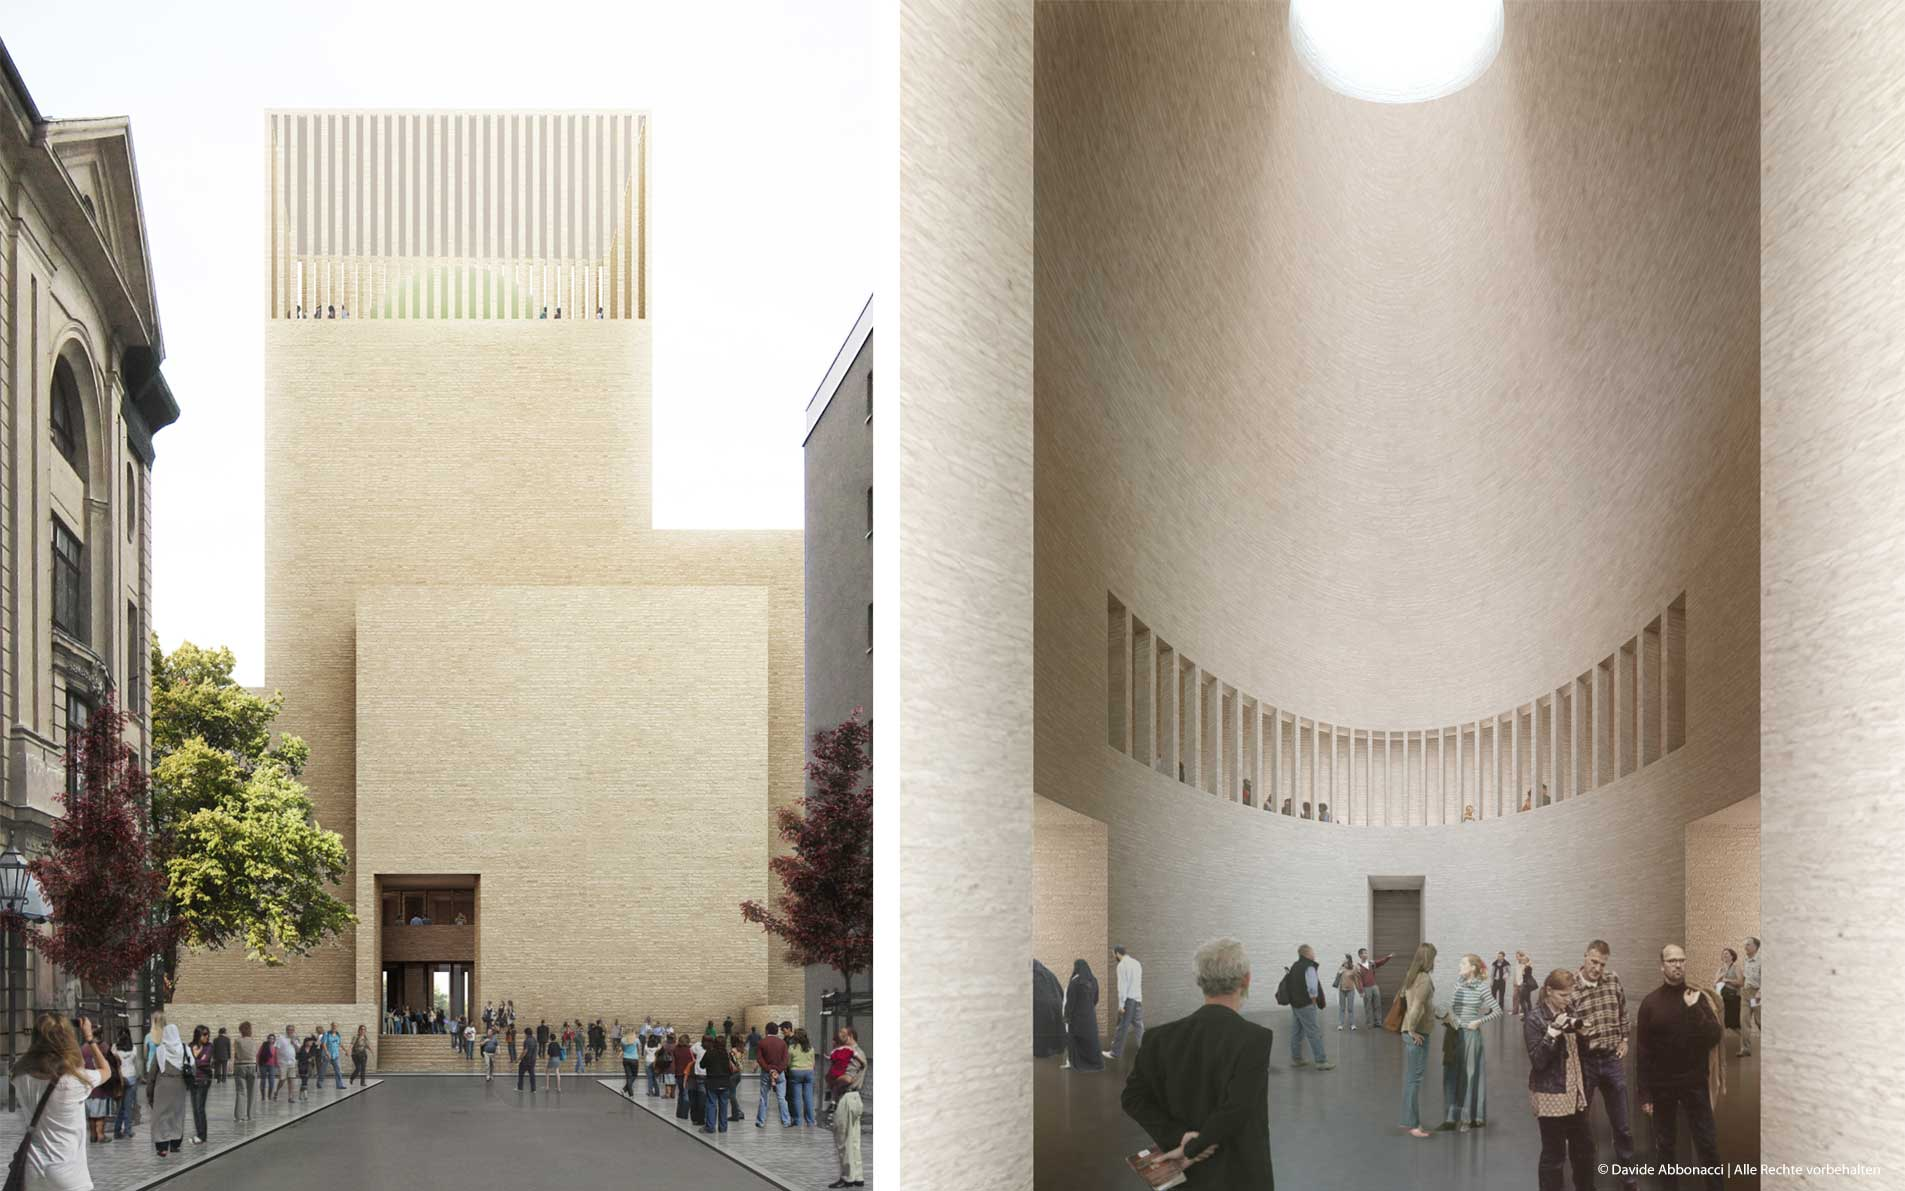 Bet- und Lehrhaus Petriplatz, Berlin   Kuehn Malvezzi Architekten   2012 Wettbewerbsvisualisierung   1. Preis